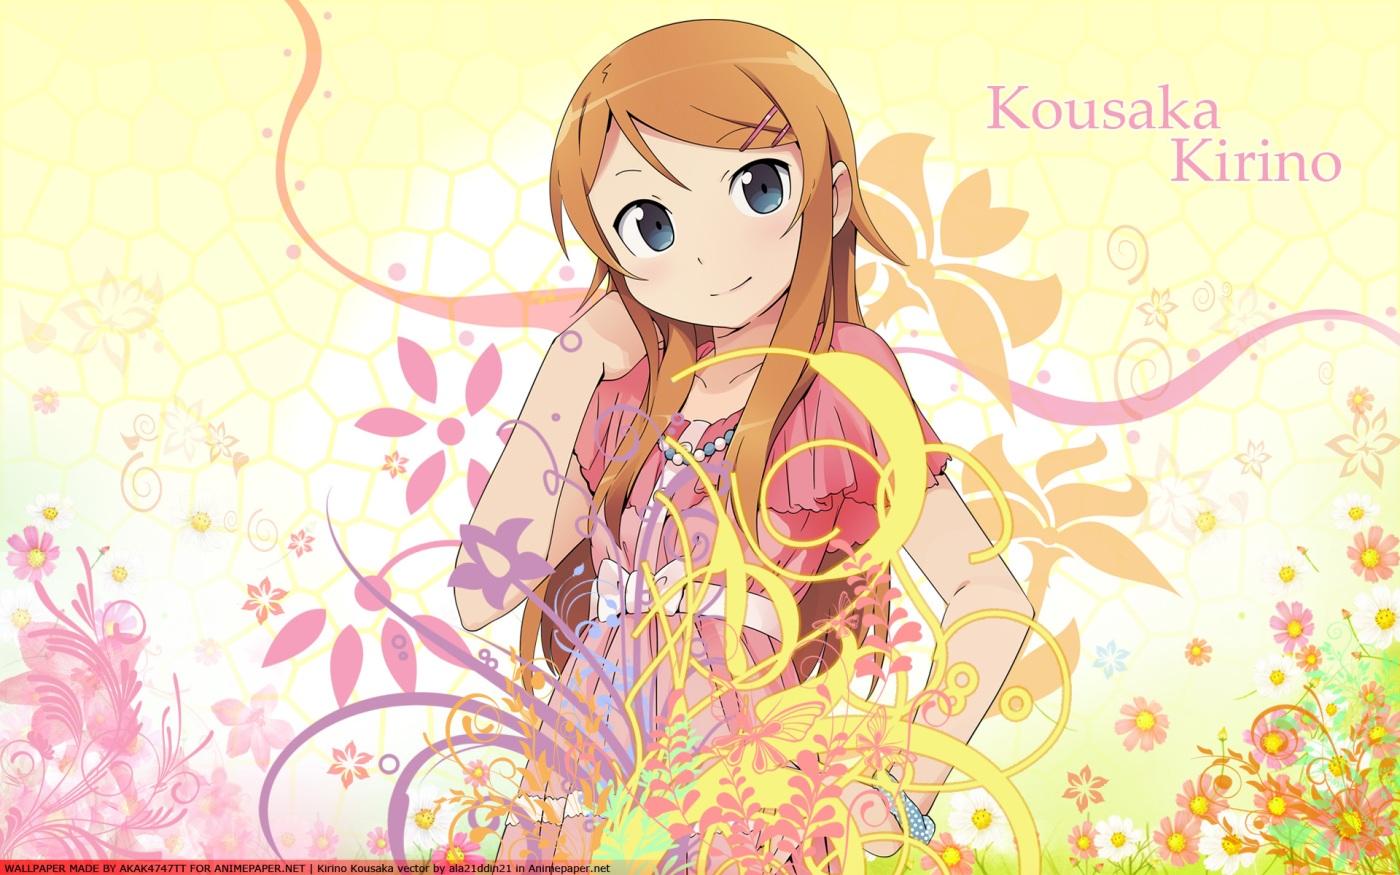 Kirino Kousaka. Image taken from Konachan.com